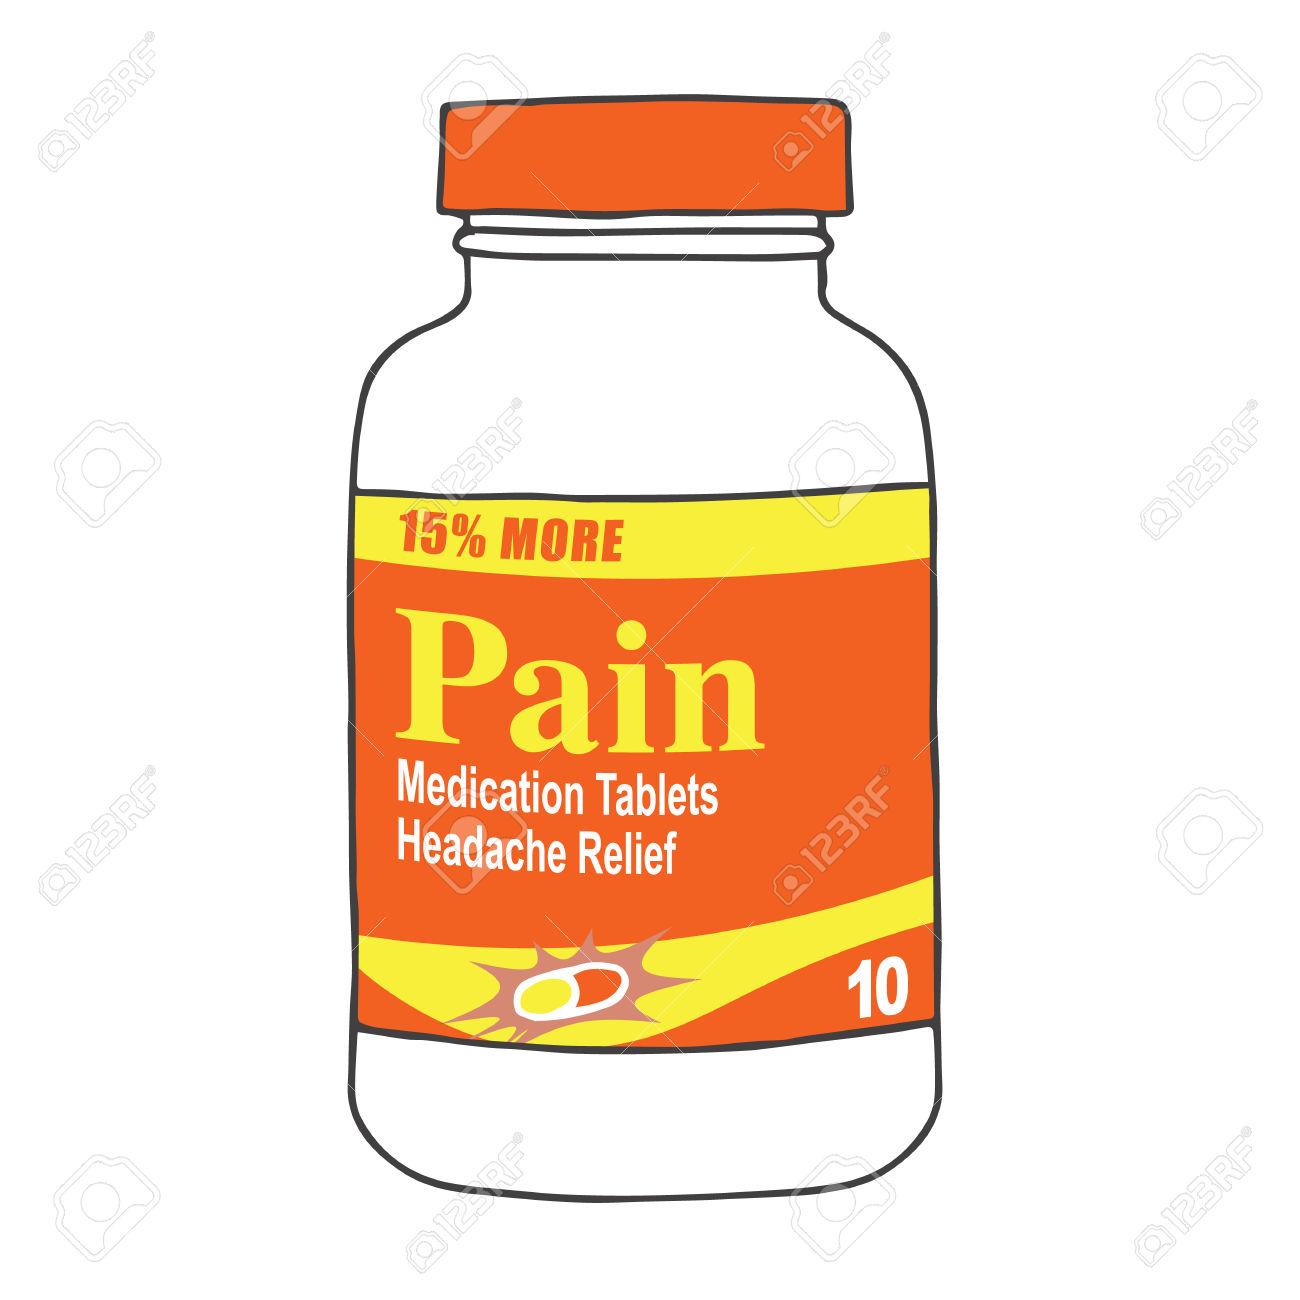 Pain Medication Clip Art.